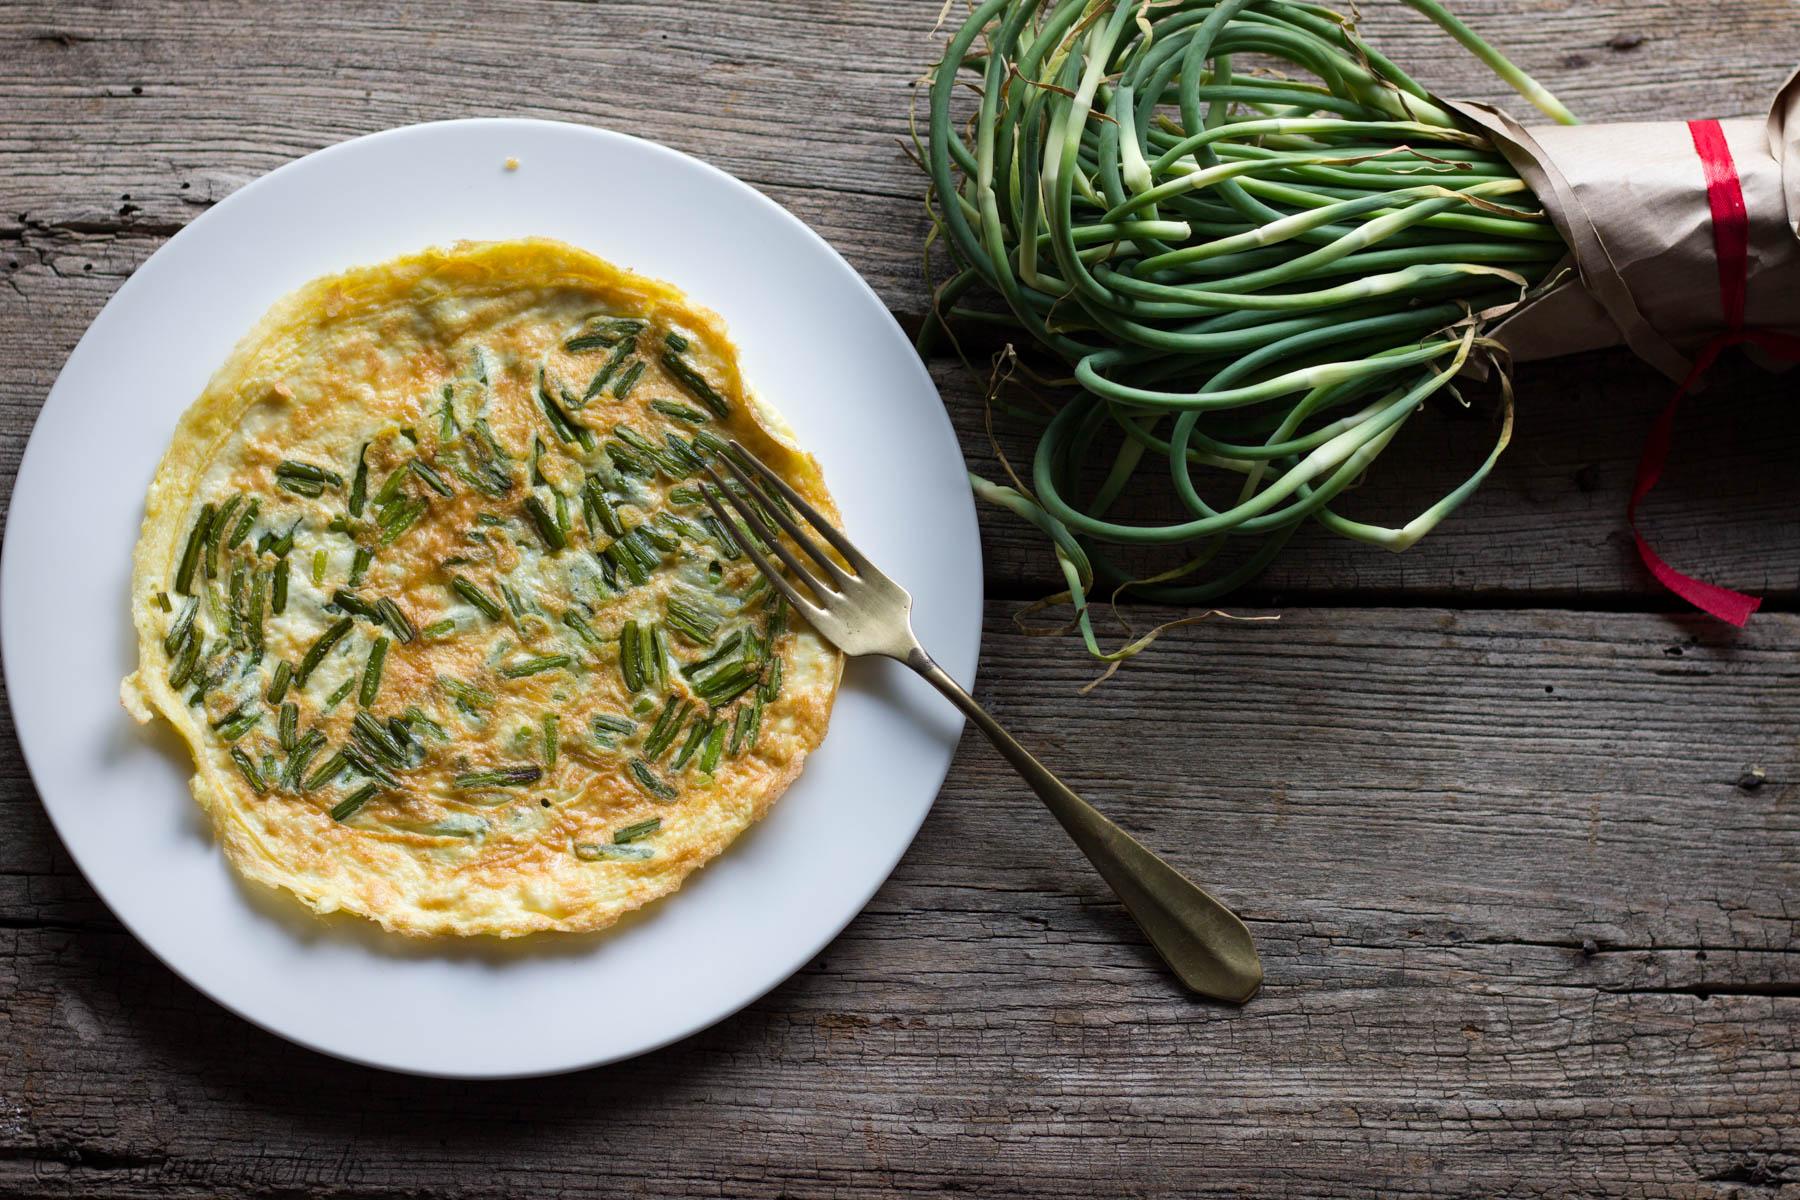 come fare la frittata con talli d'aglio